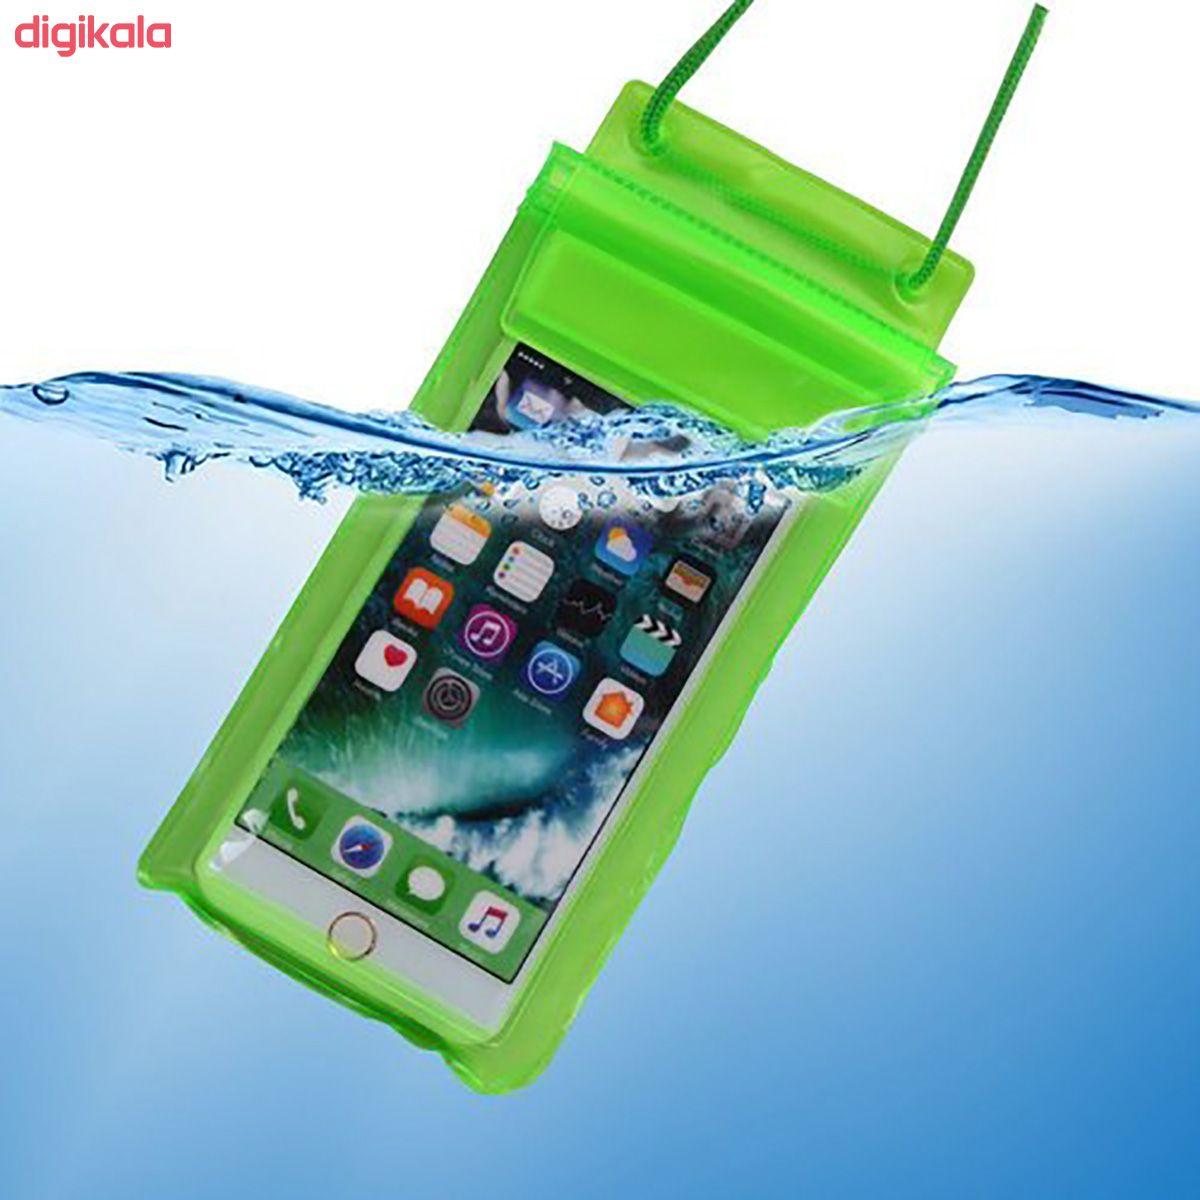 کیف ضد آب مدل F88 مناسب برای گوشی موبایل تا سایز 6.5 اینچ  main 1 1